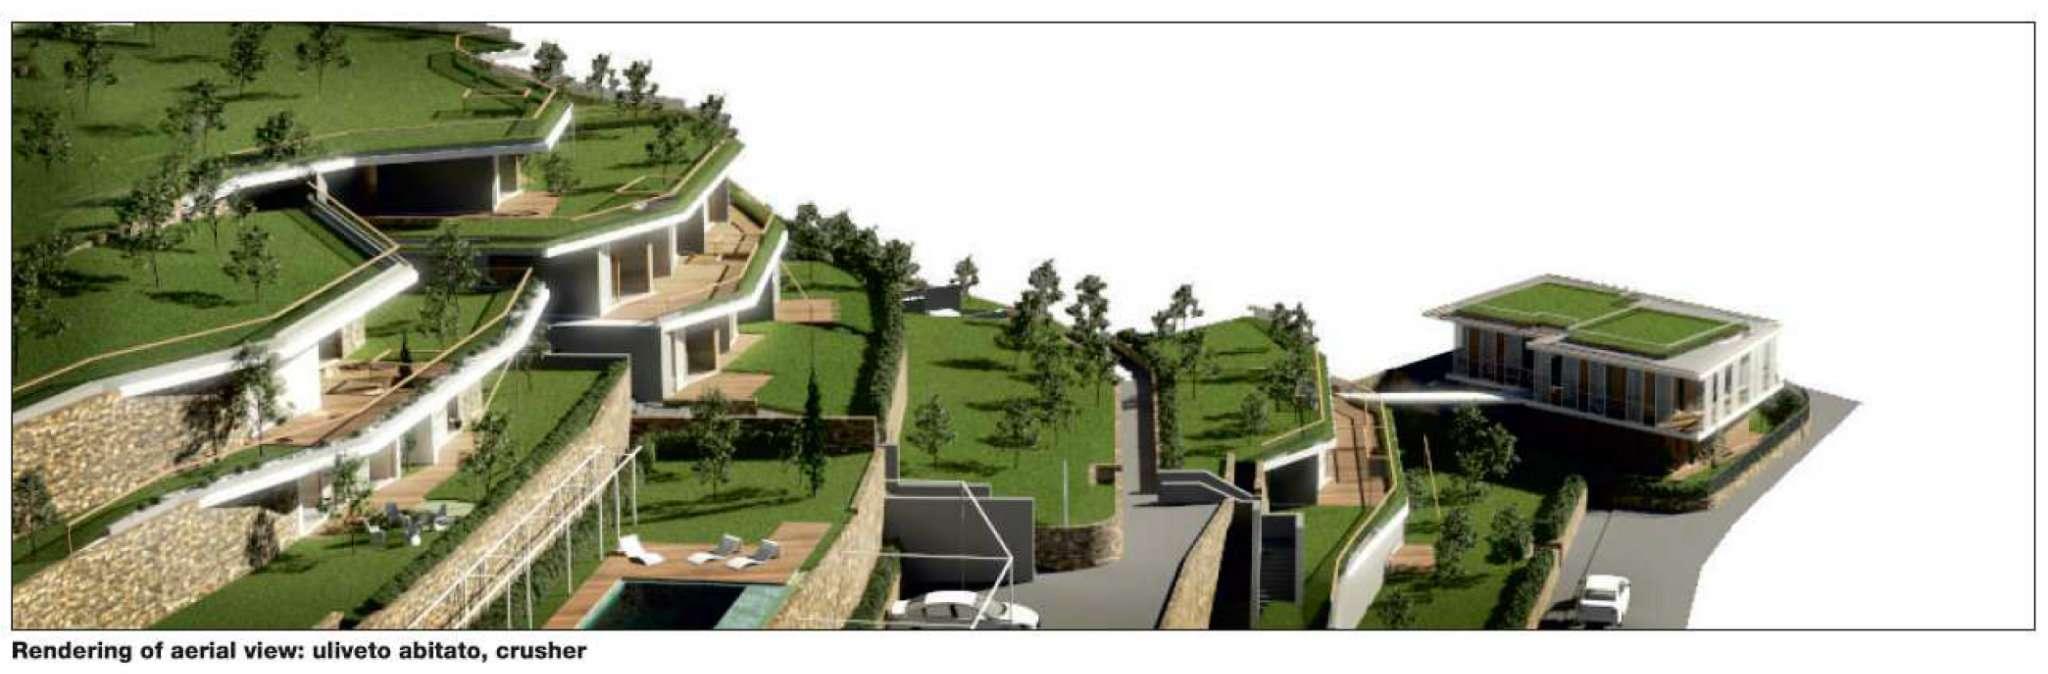 Terreno Edificabile Residenziale in vendita a Civezza, 9999 locali, prezzo € 2.450.000 | PortaleAgenzieImmobiliari.it